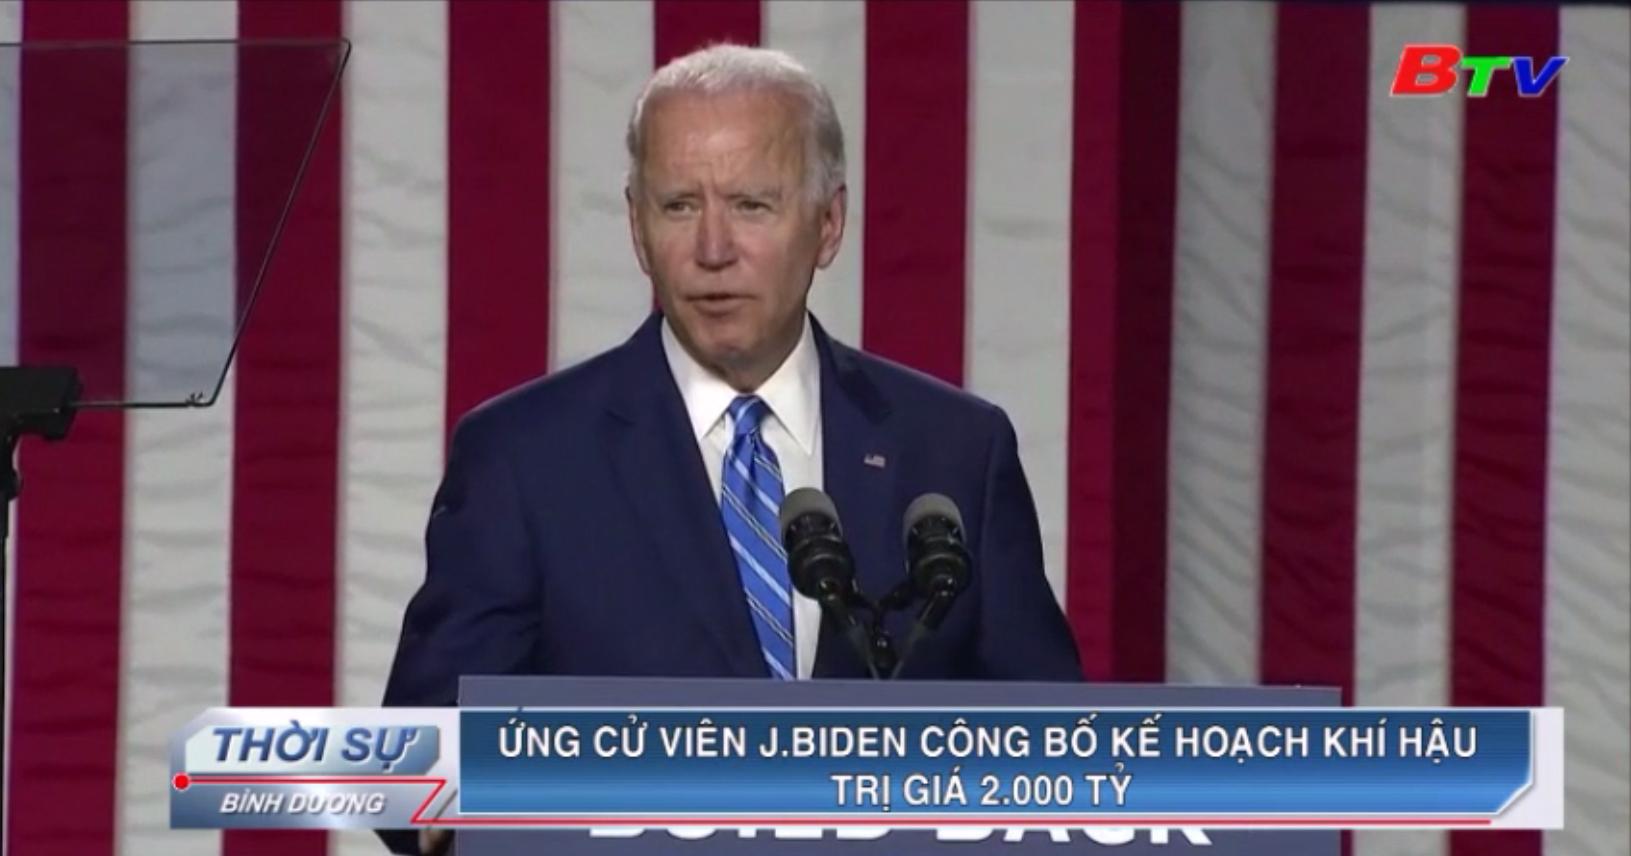 Ứng cử viên J.Biden công bố kế hoạch khí hậu trị giá 2.000 tỷ